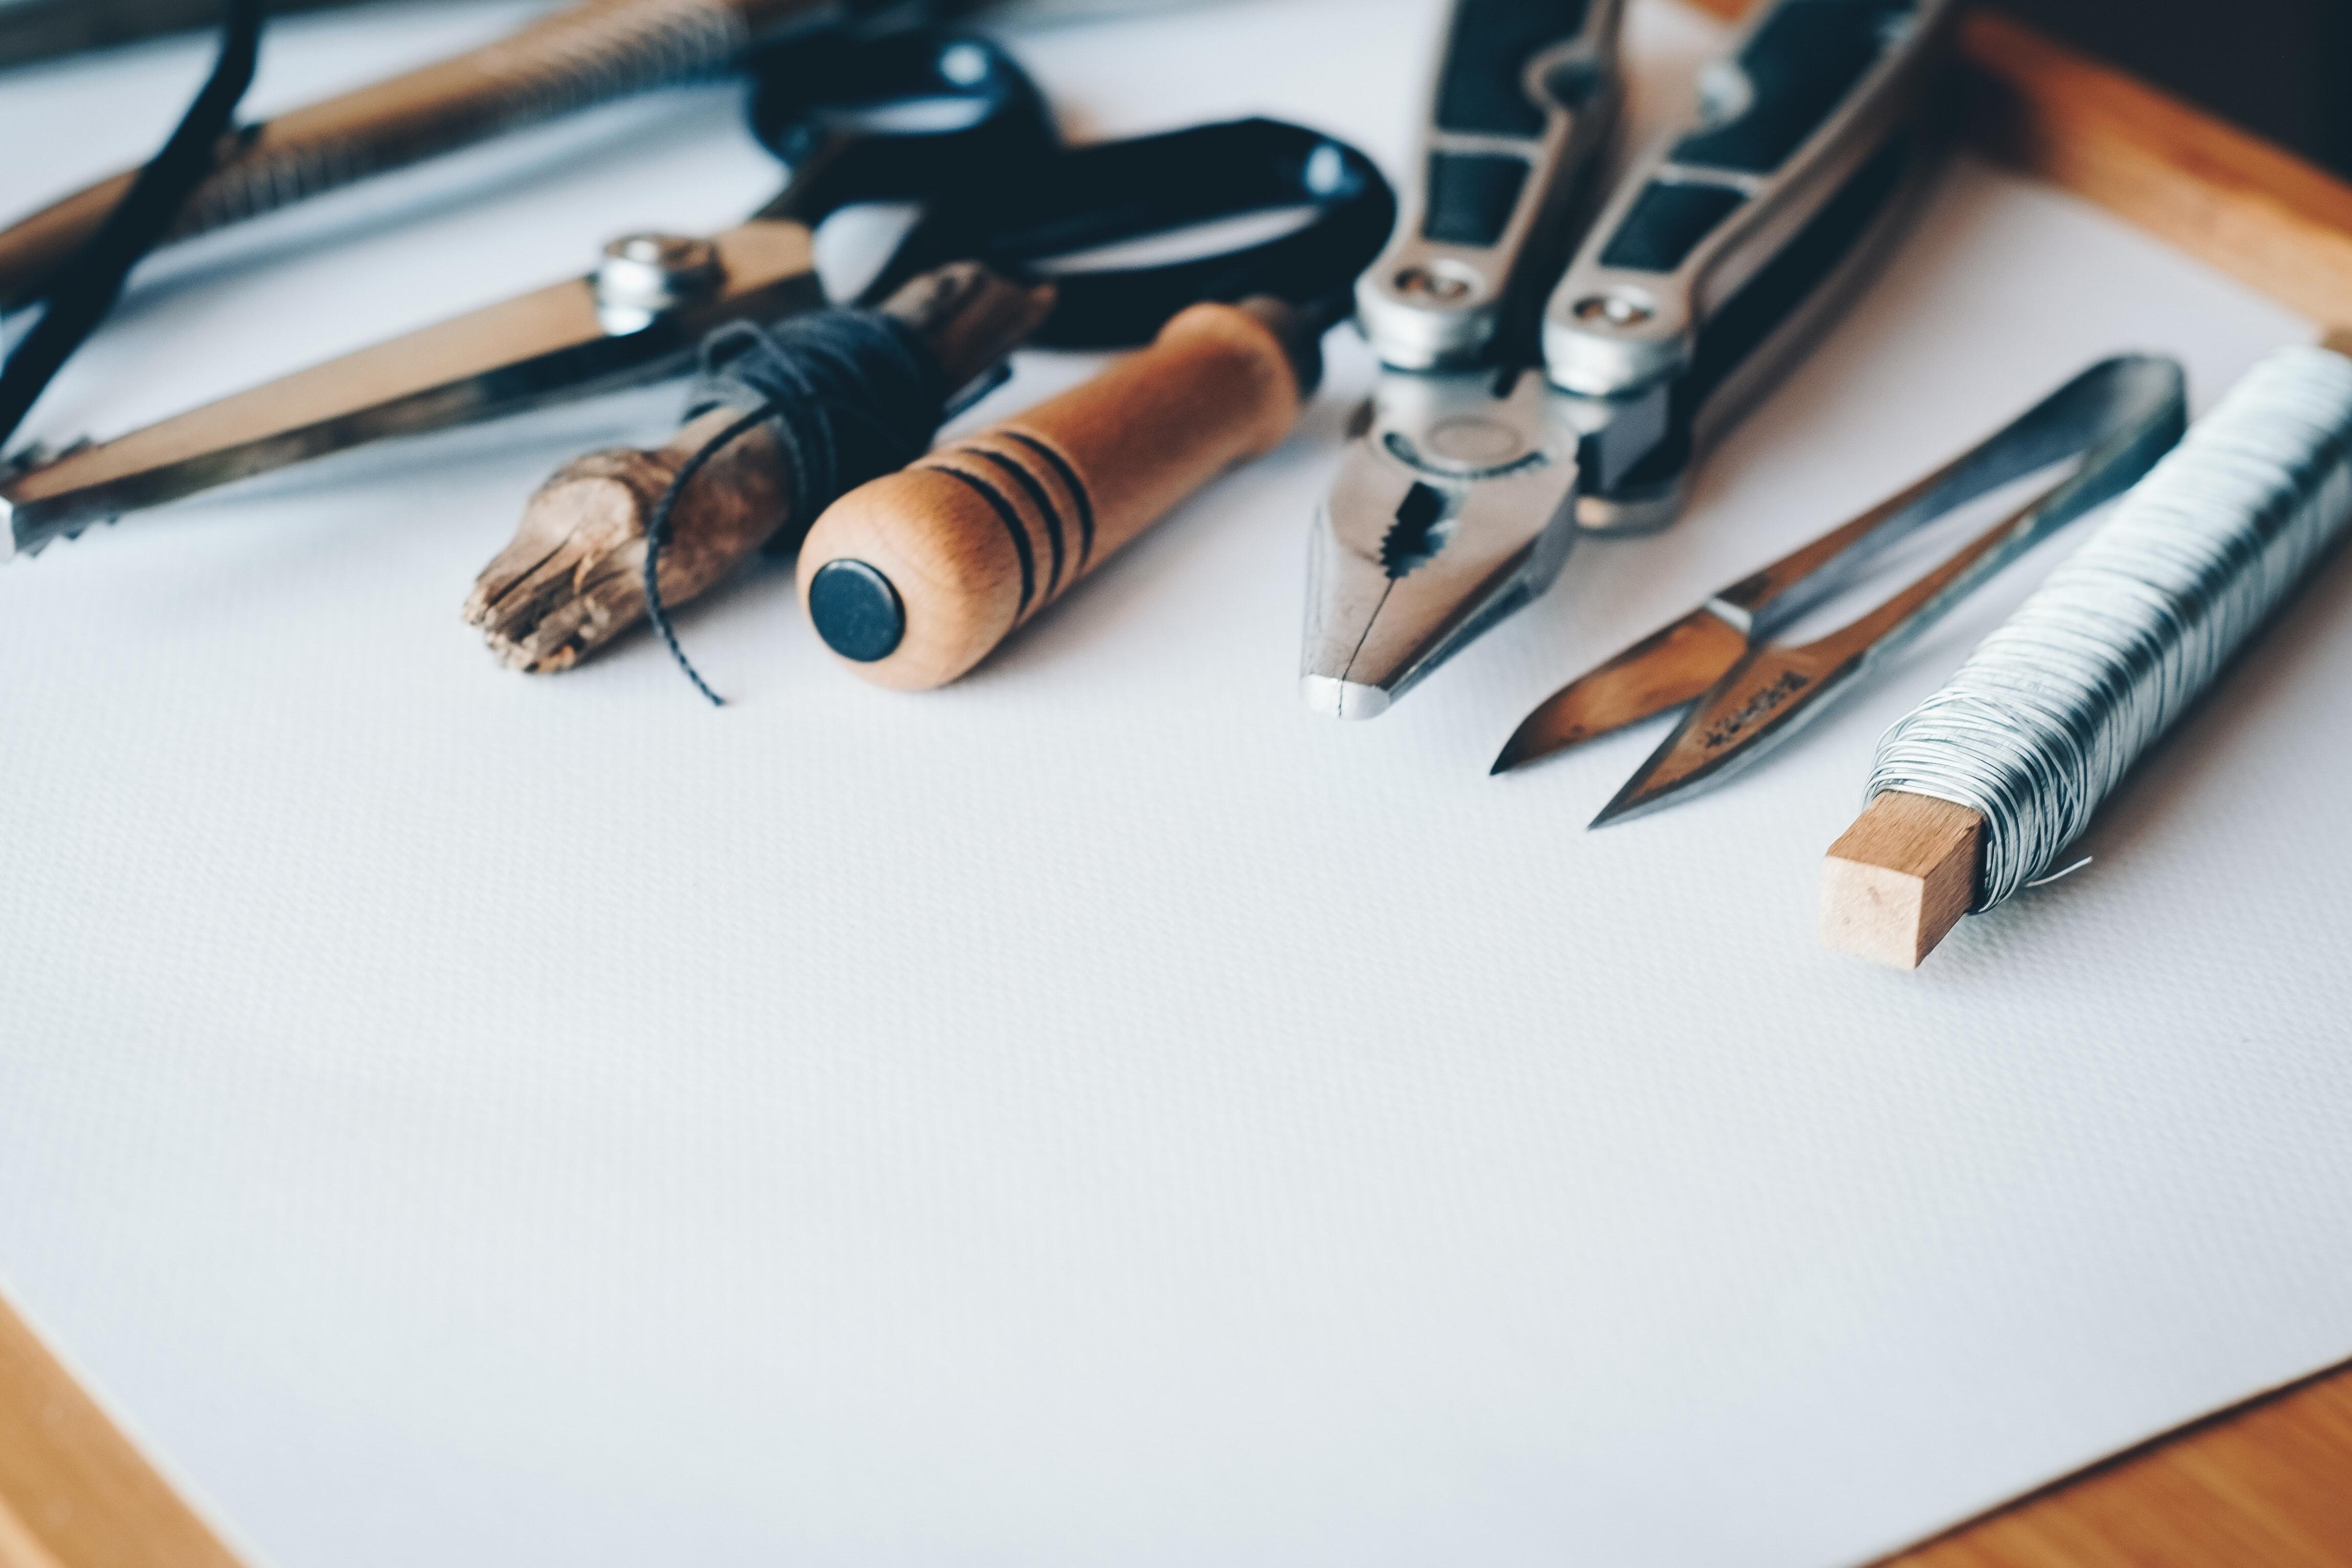 4. vállalkozás ötlet  barkács vlog indítása - Üzleti Megoldások portál 1564a99066